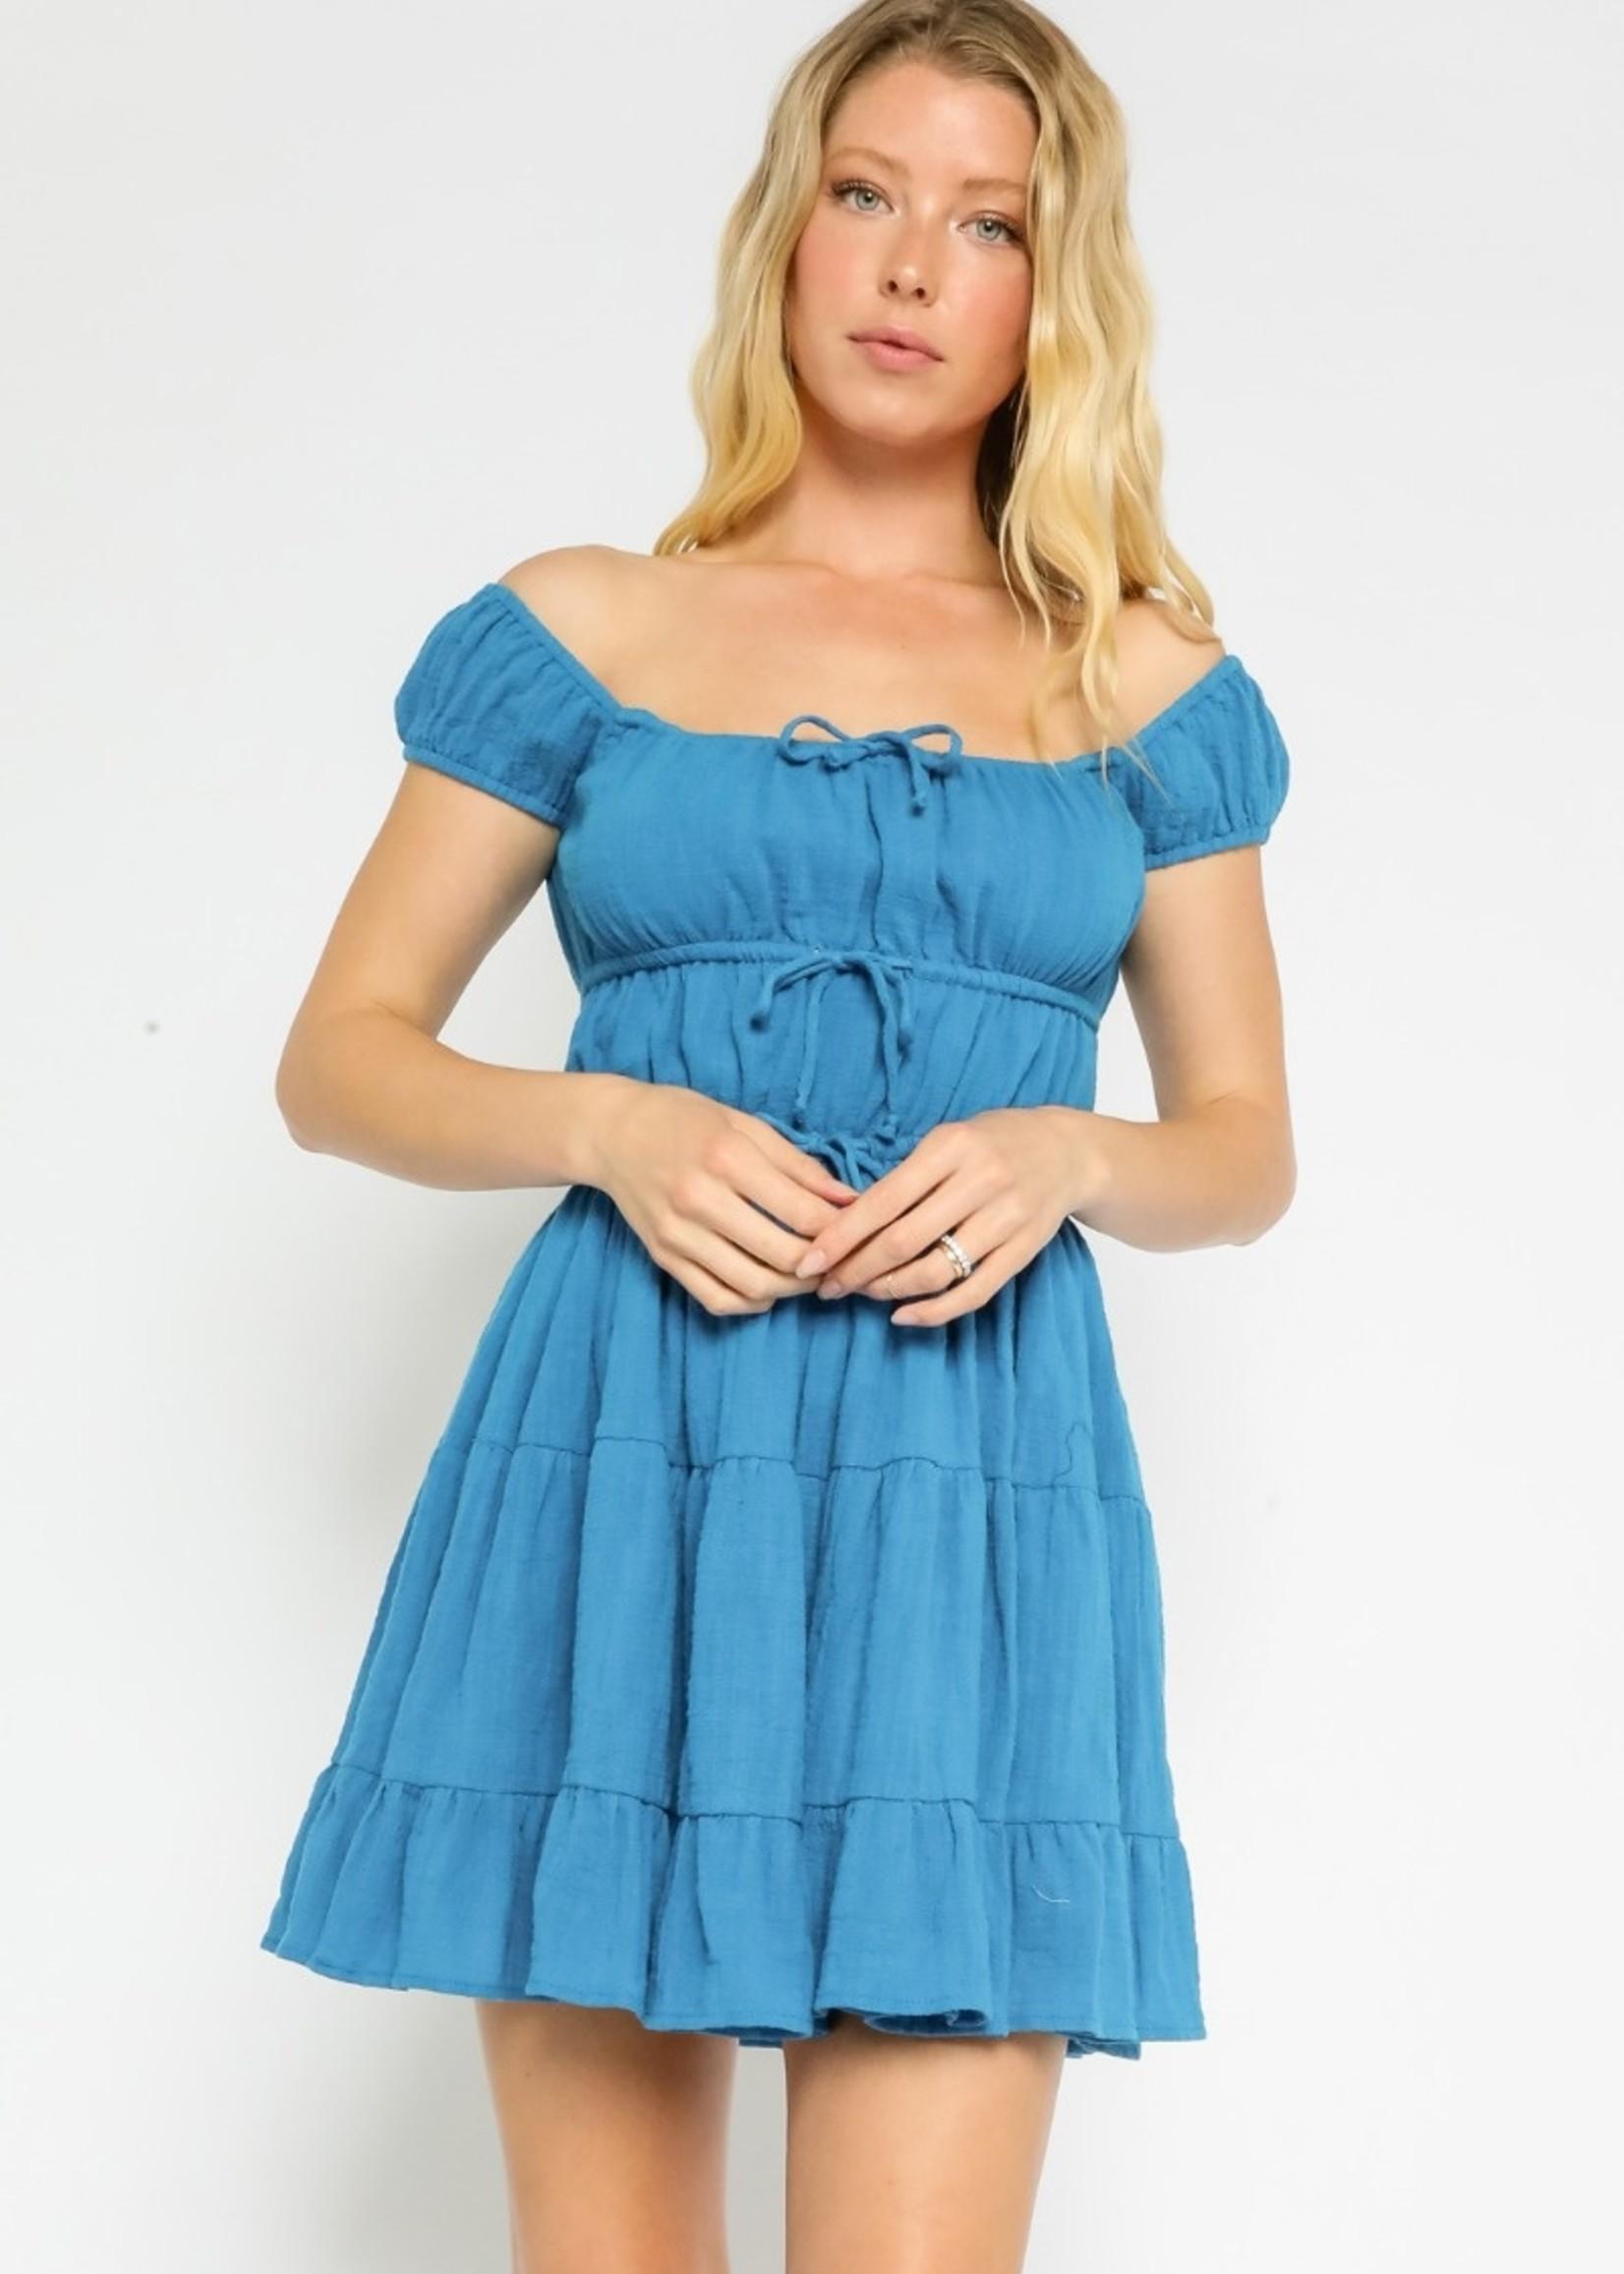 Gauze Baby Doll Dress